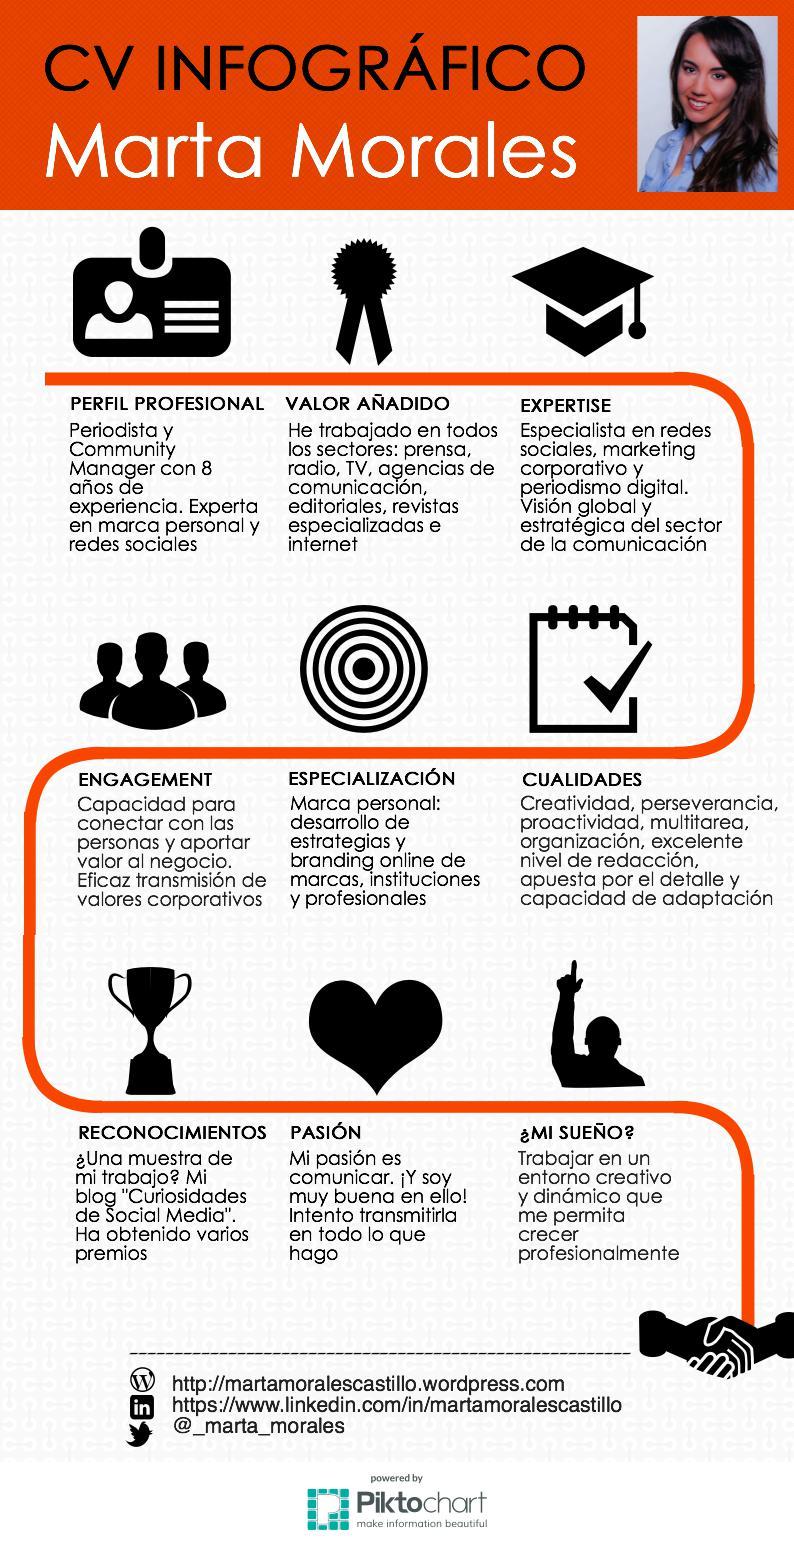 curriculum original infografia marta morales castillo periodista community manager